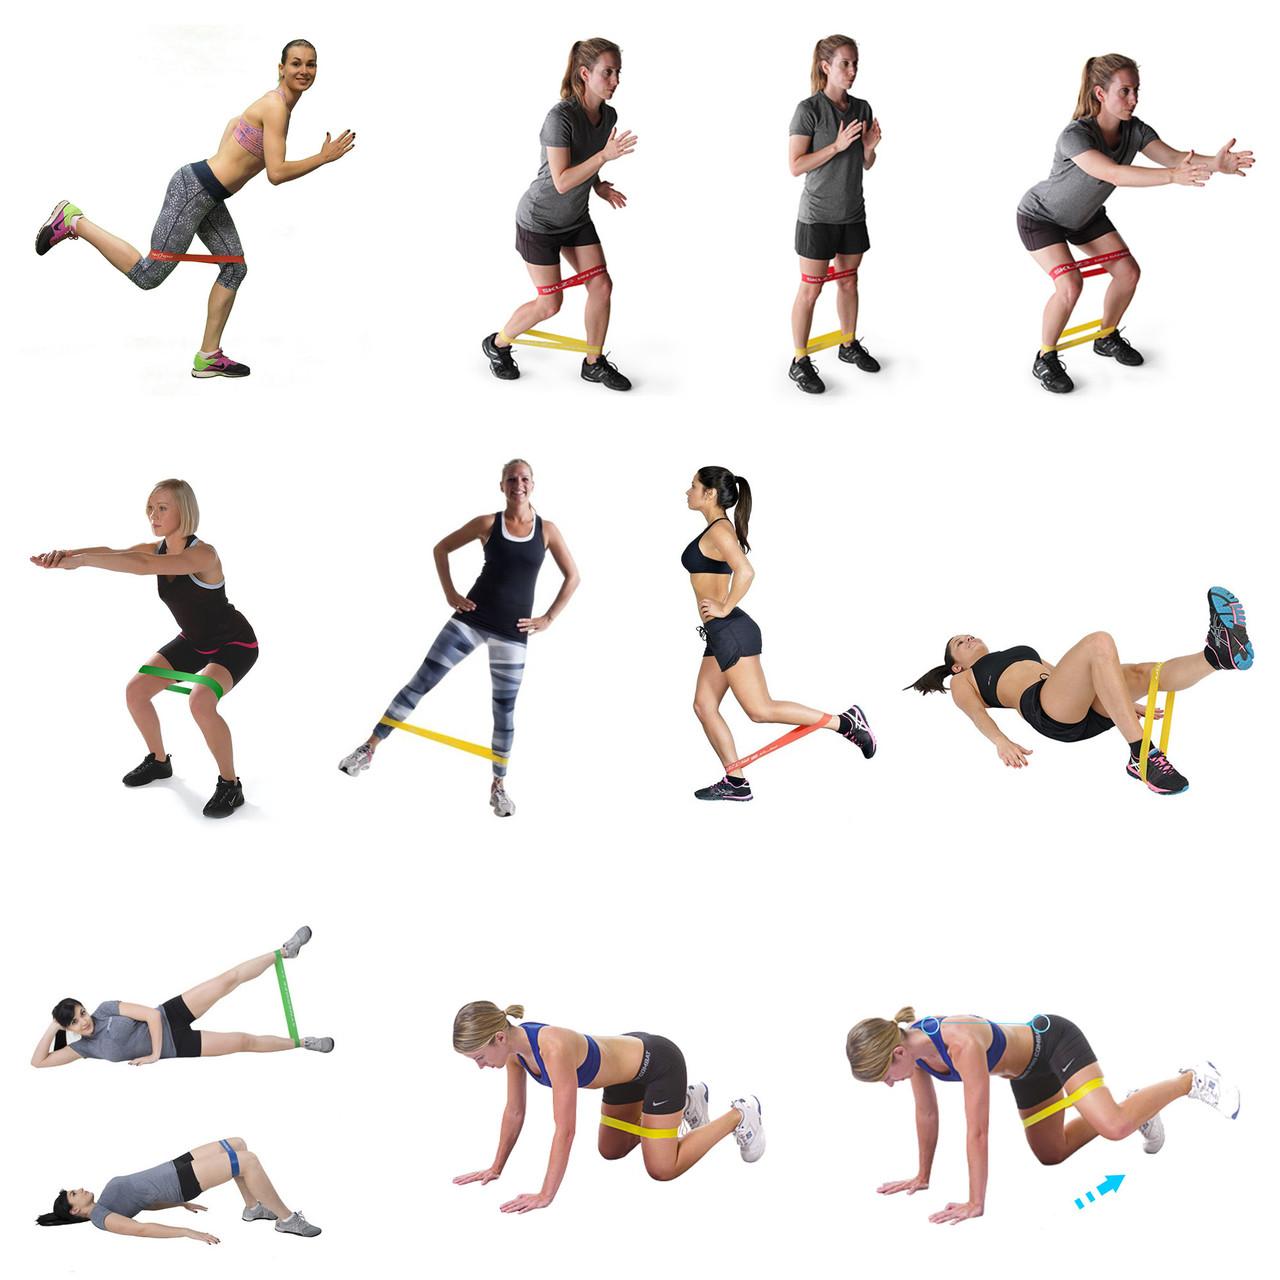 Топ-20 видео с фитнес-резинкой для всего тела (2019)